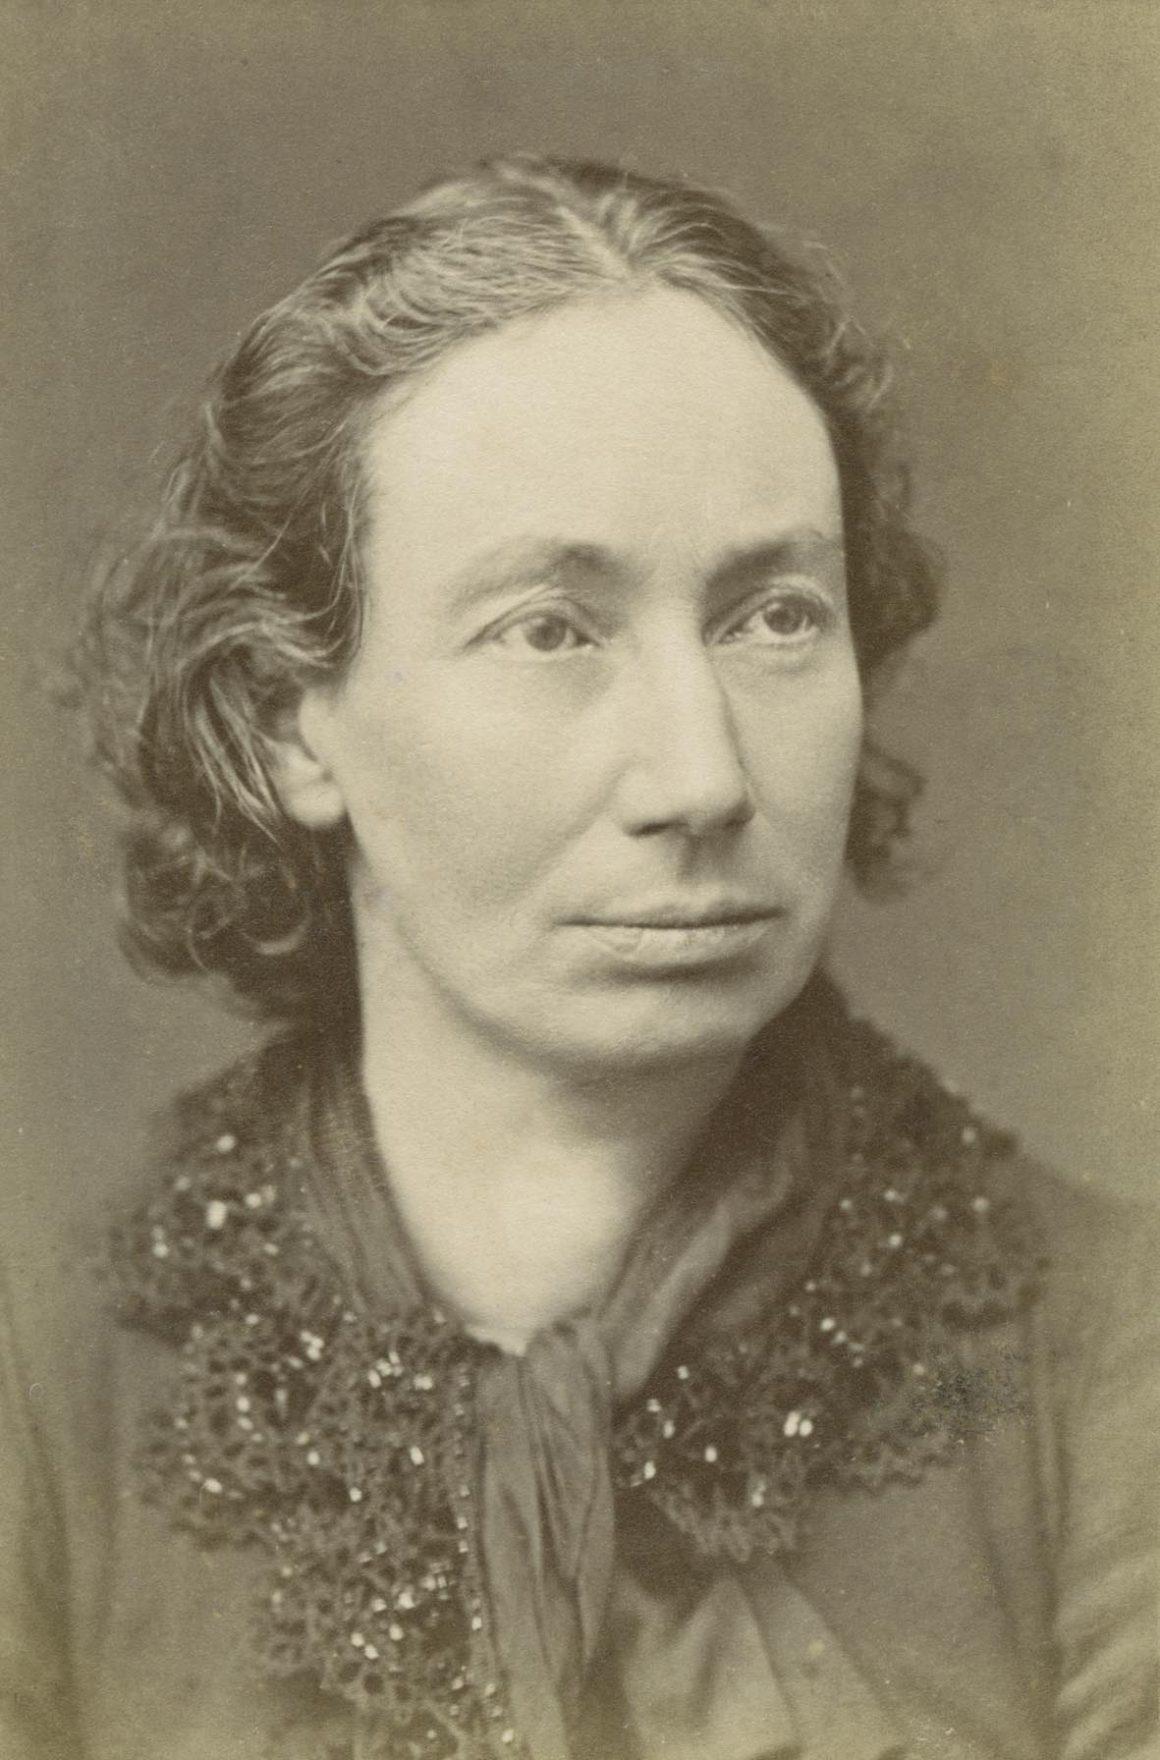 Louise-Michel-histoire-et-biographie-de-Michel